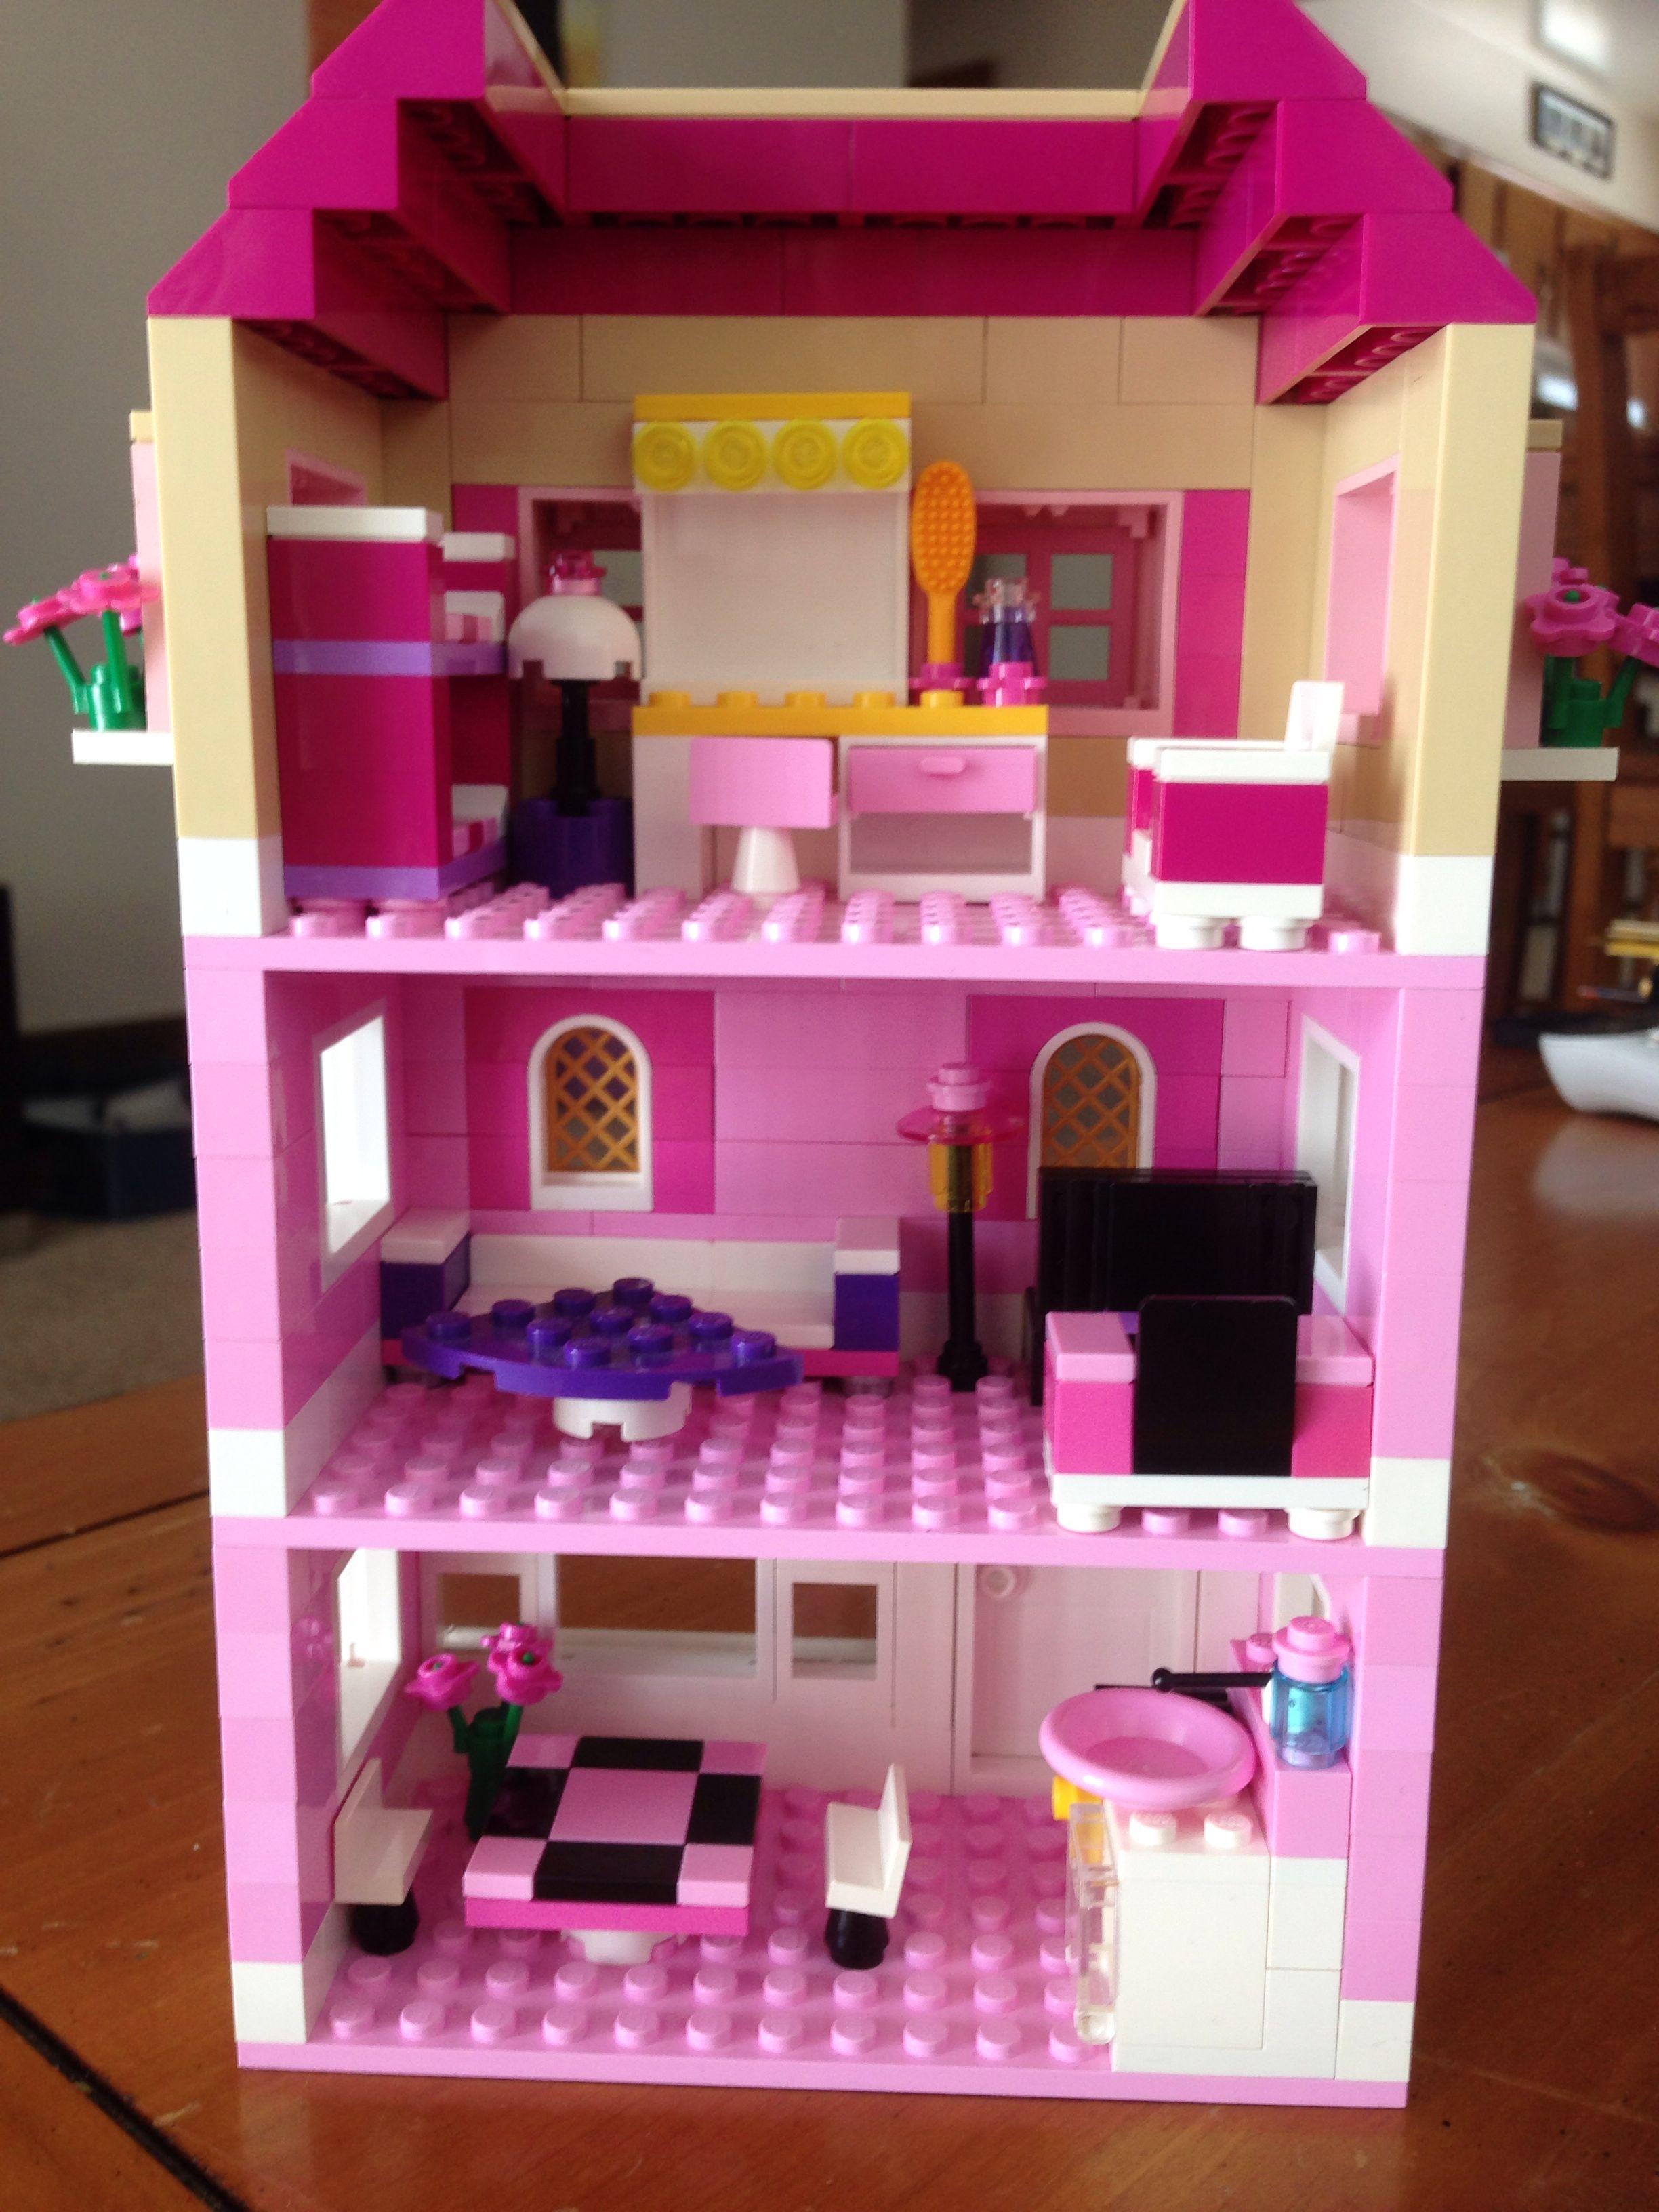 Lego House Back Lego House Lego Girls Lego Creations